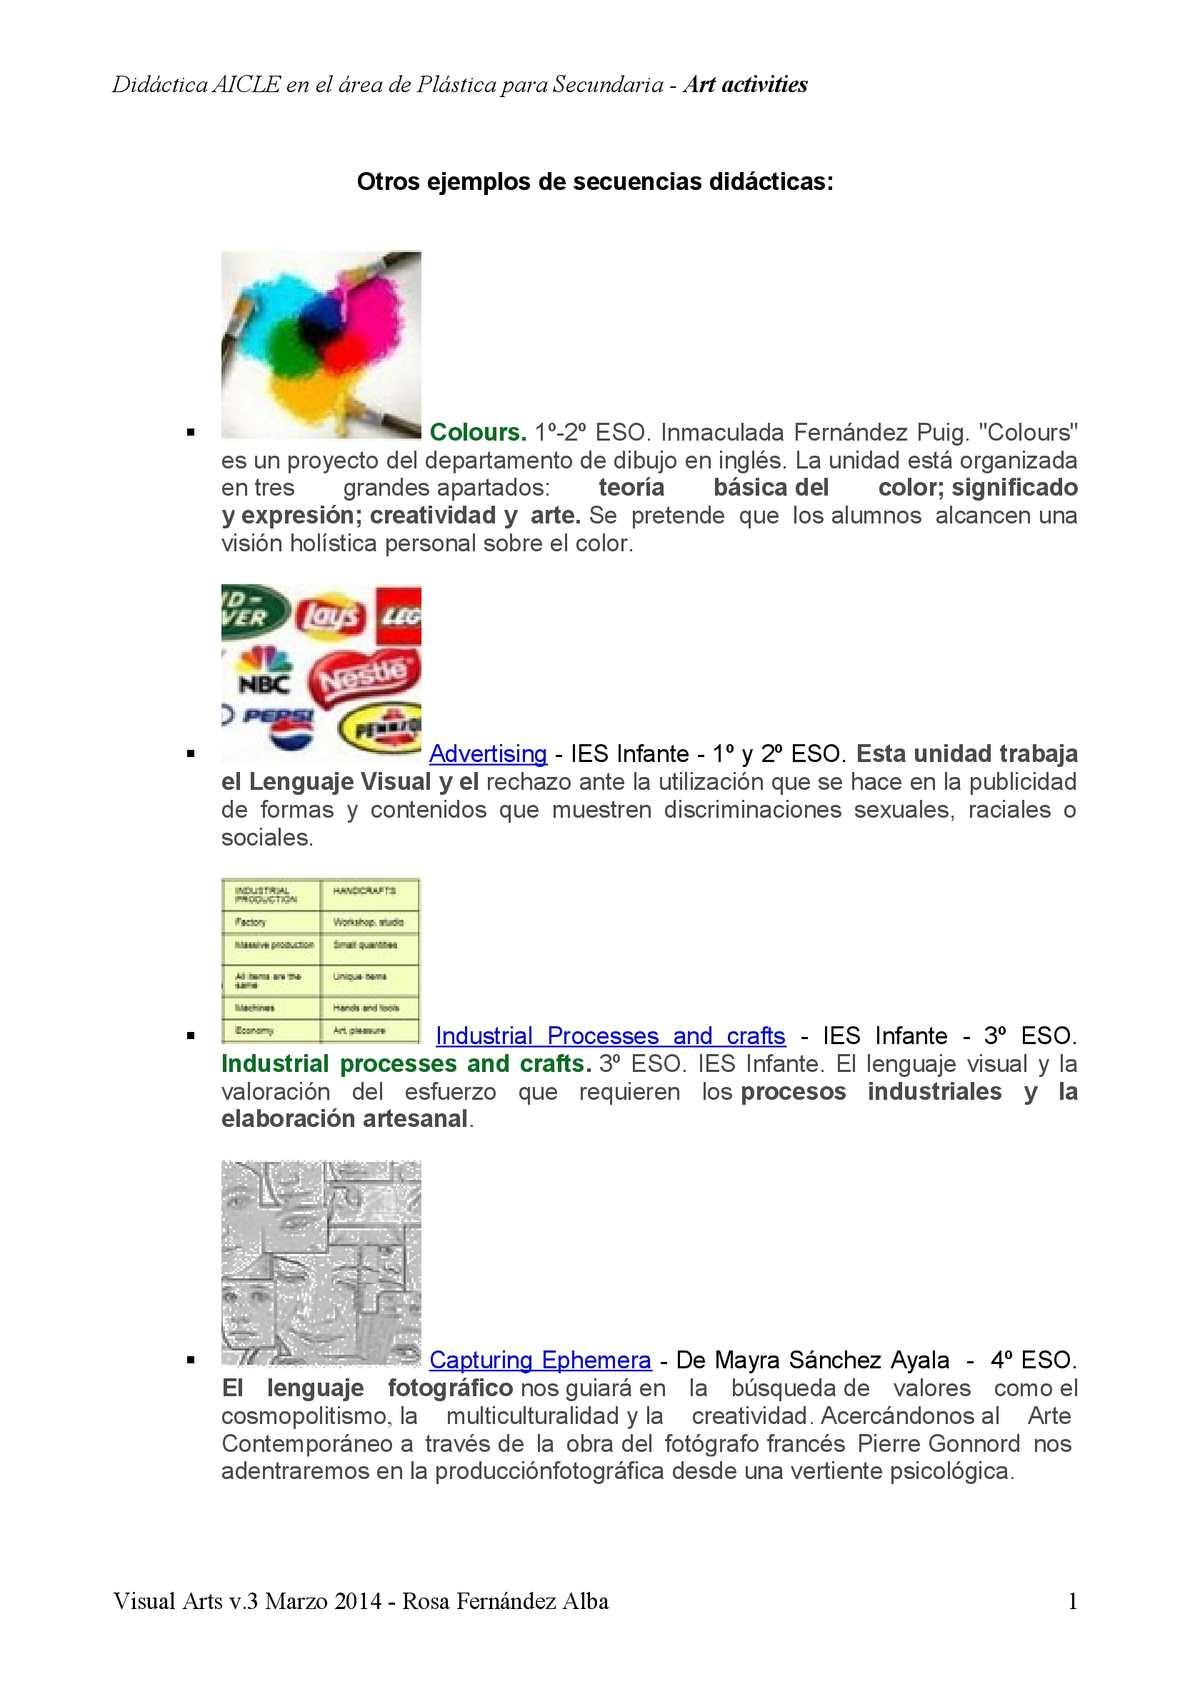 Calaméo - Ejemplos de secuencias didácticas.Artística